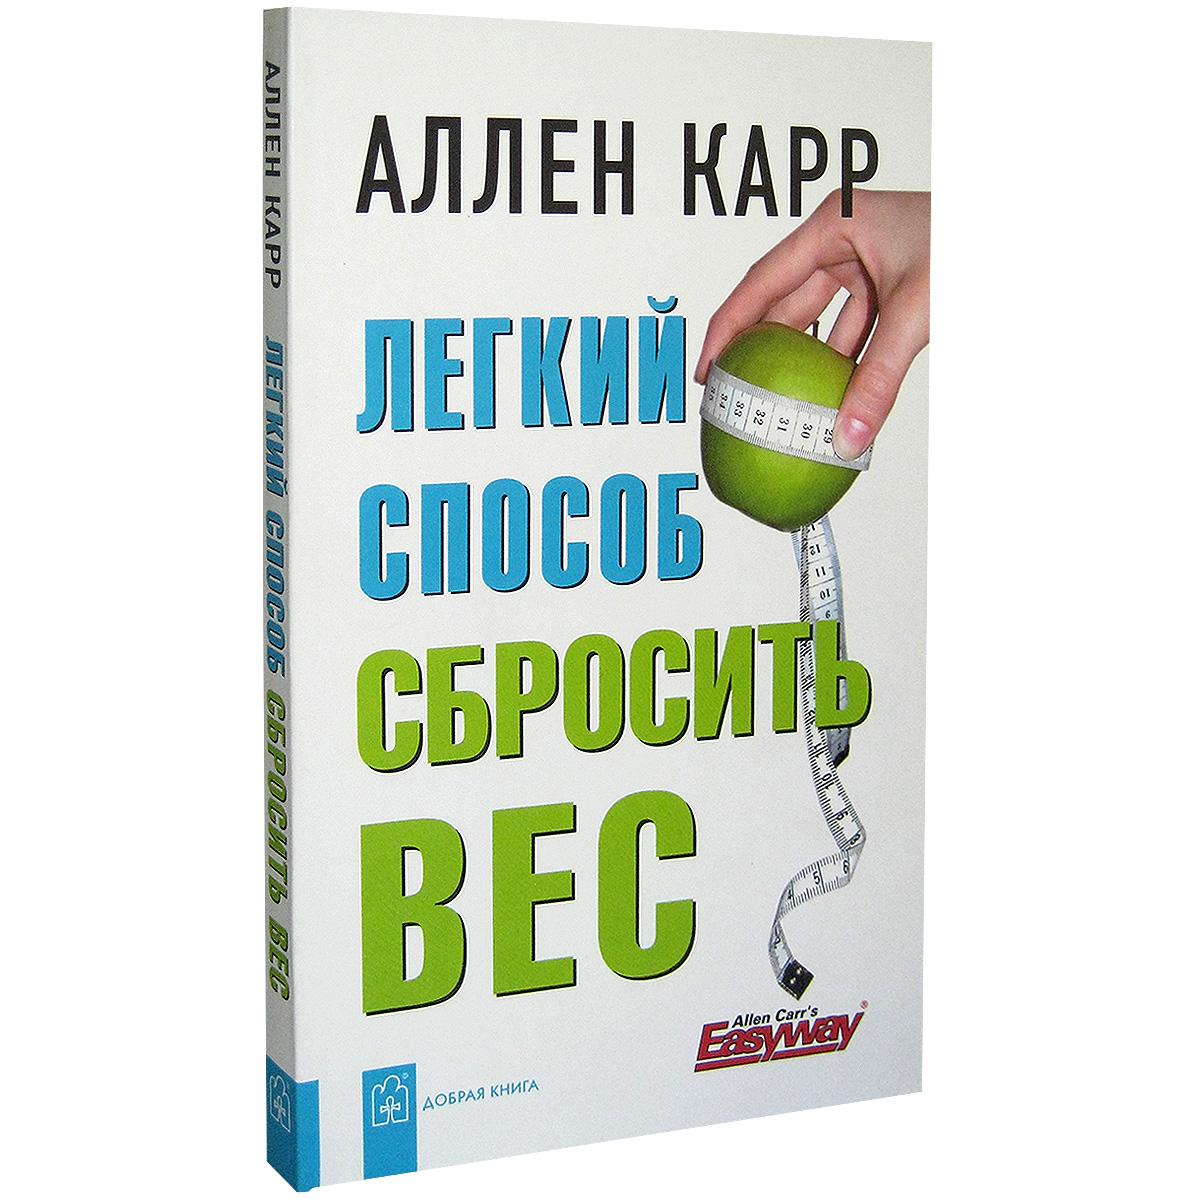 Скачать бесплатно книгу